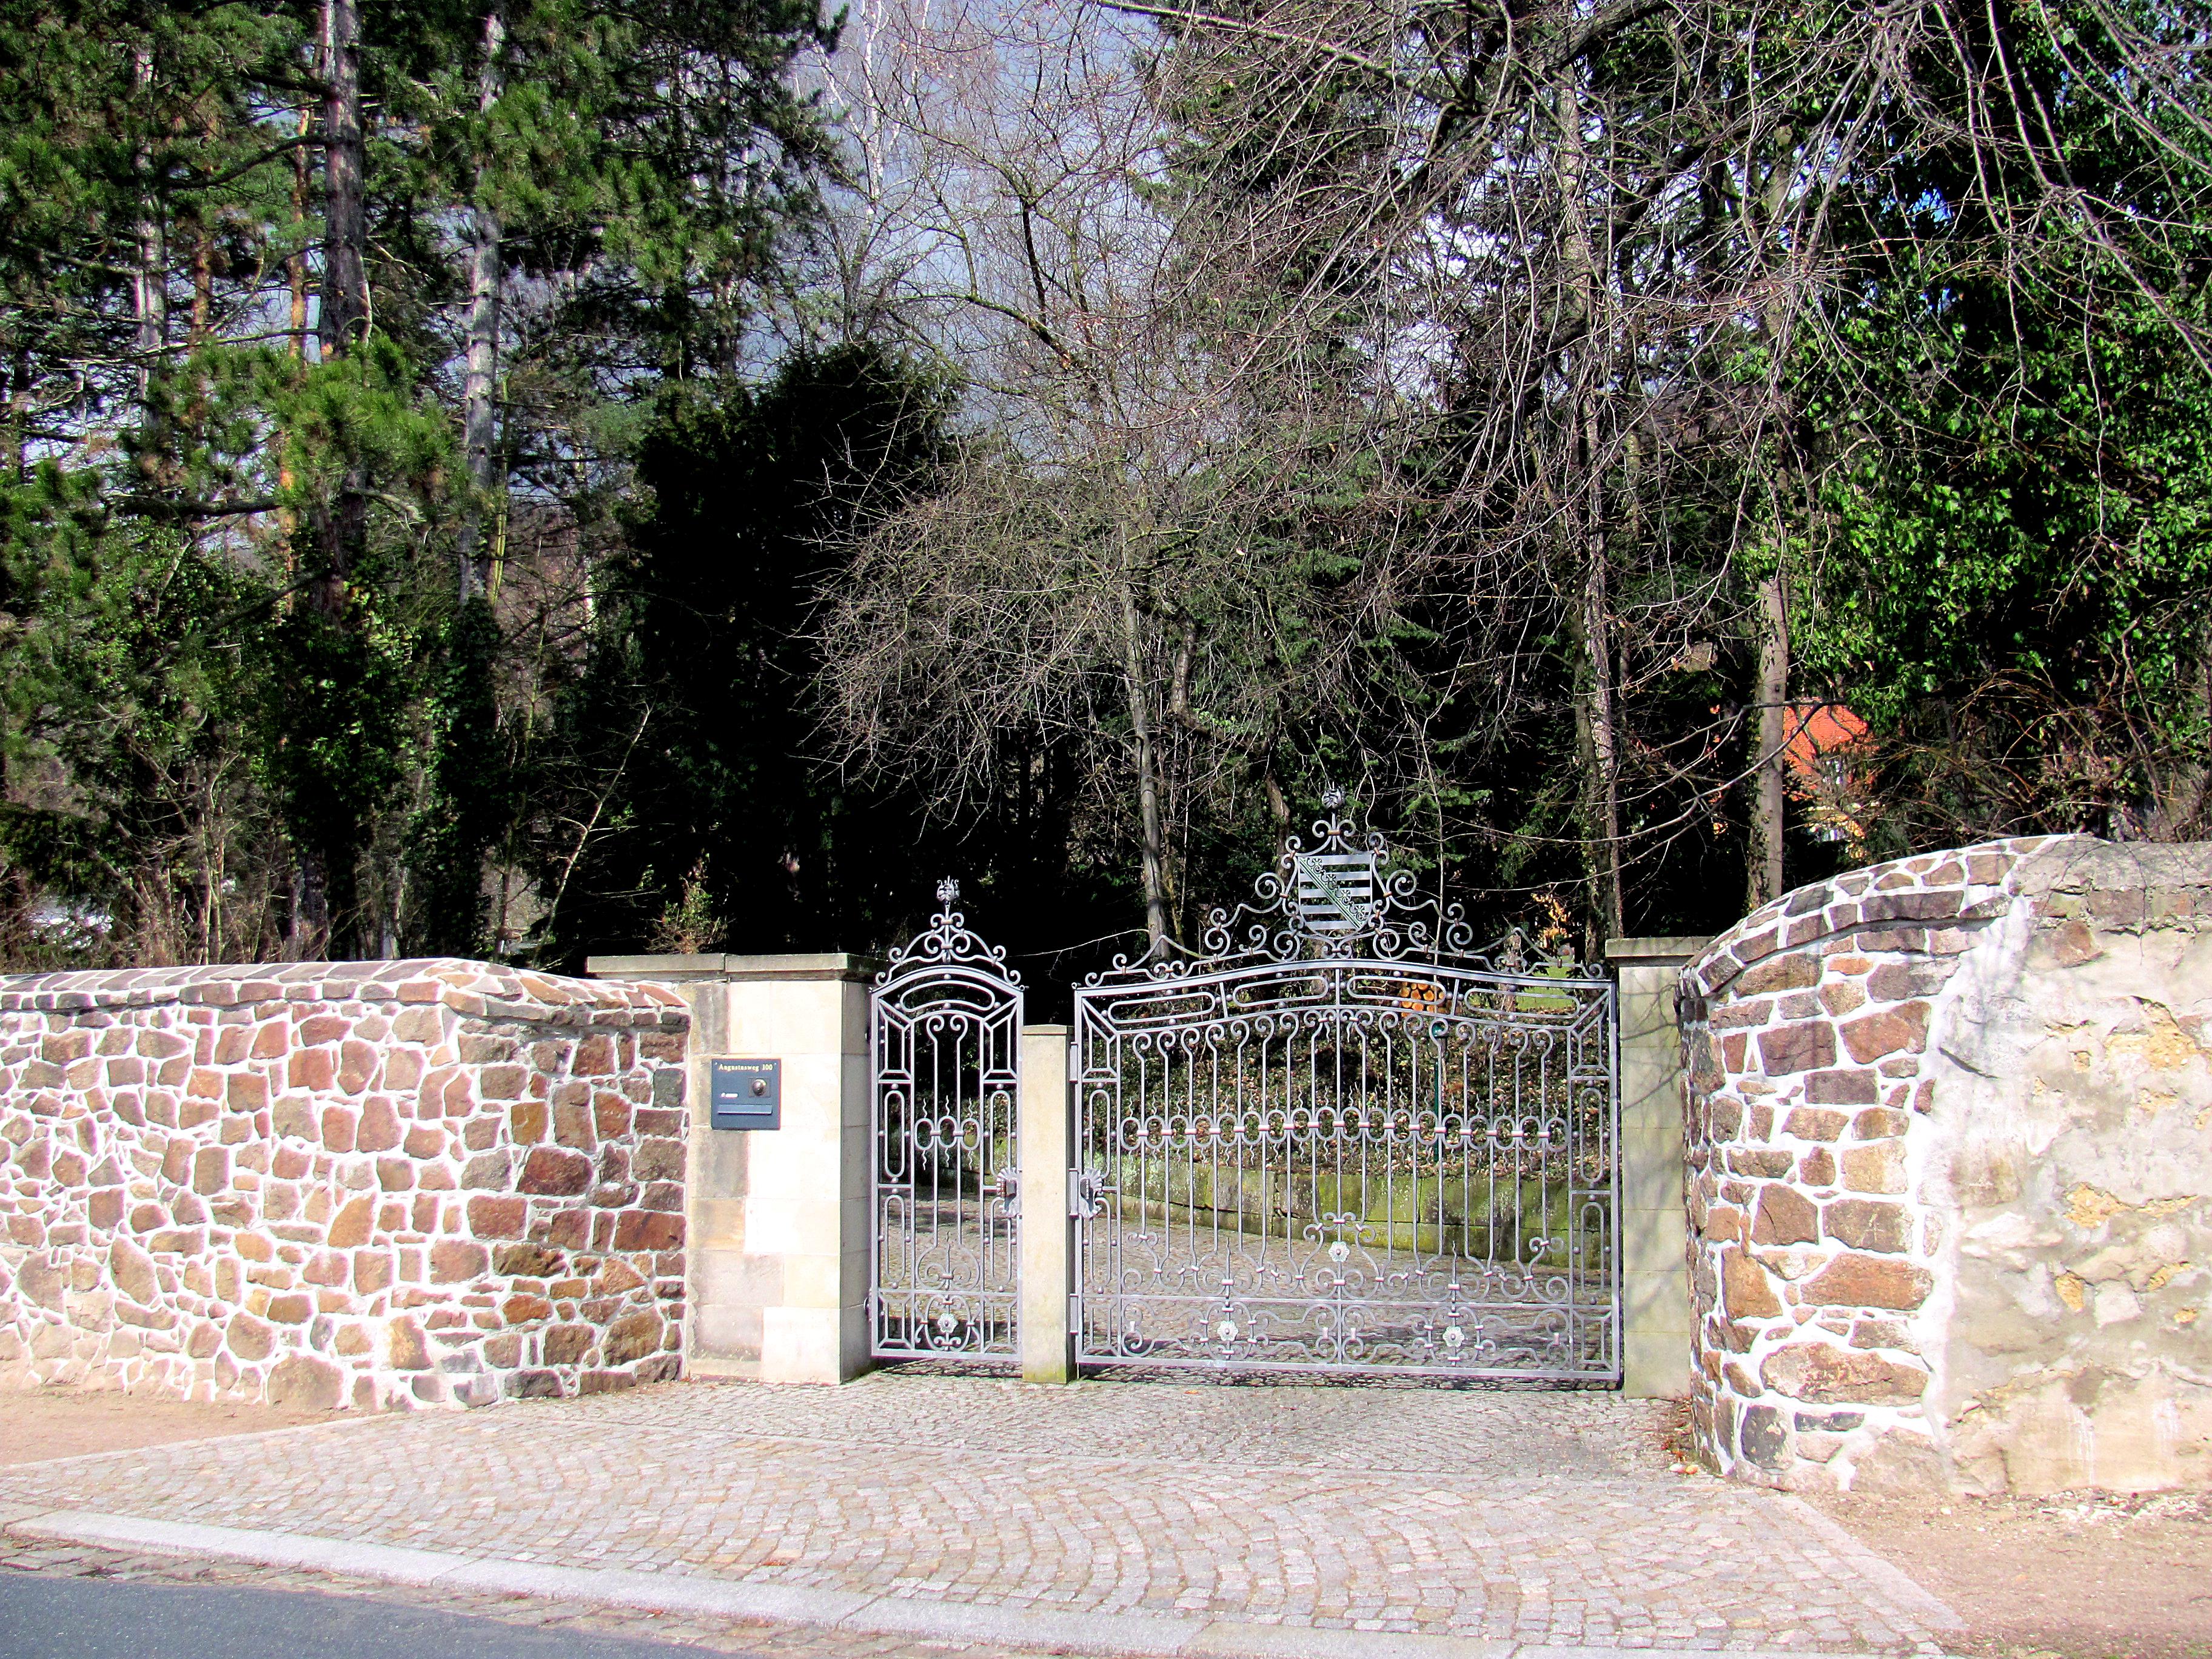 Datei:Radebeul Meyer-Villa Tor Garten.jpg